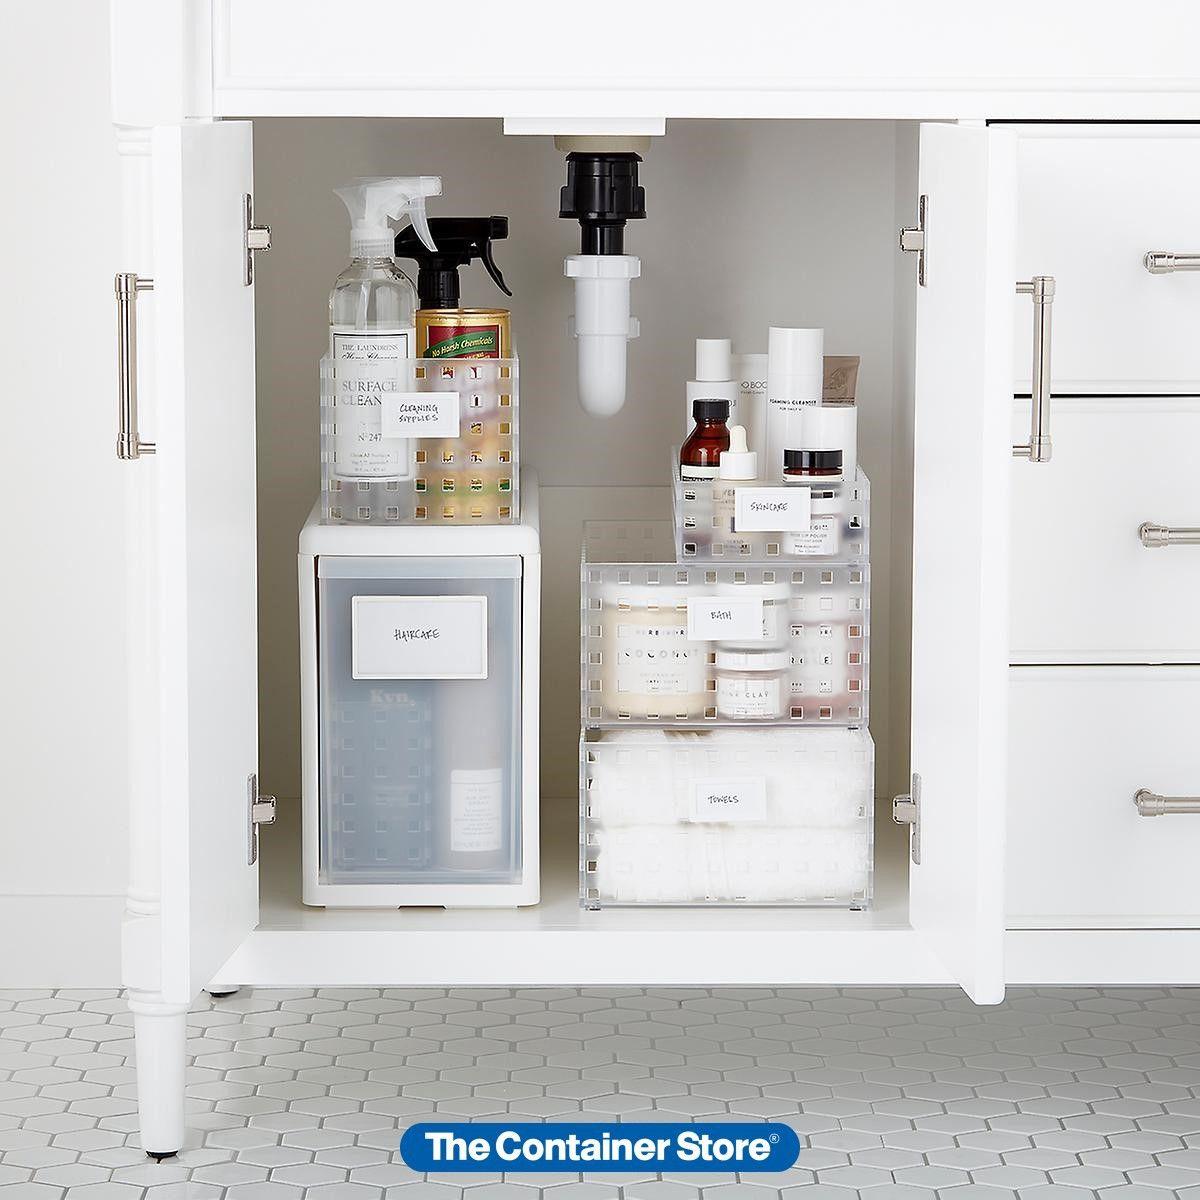 Like It Under The Sink Starter Kit In 2020 Container Store Under Sink Organization Bathroom Storage Cabinet